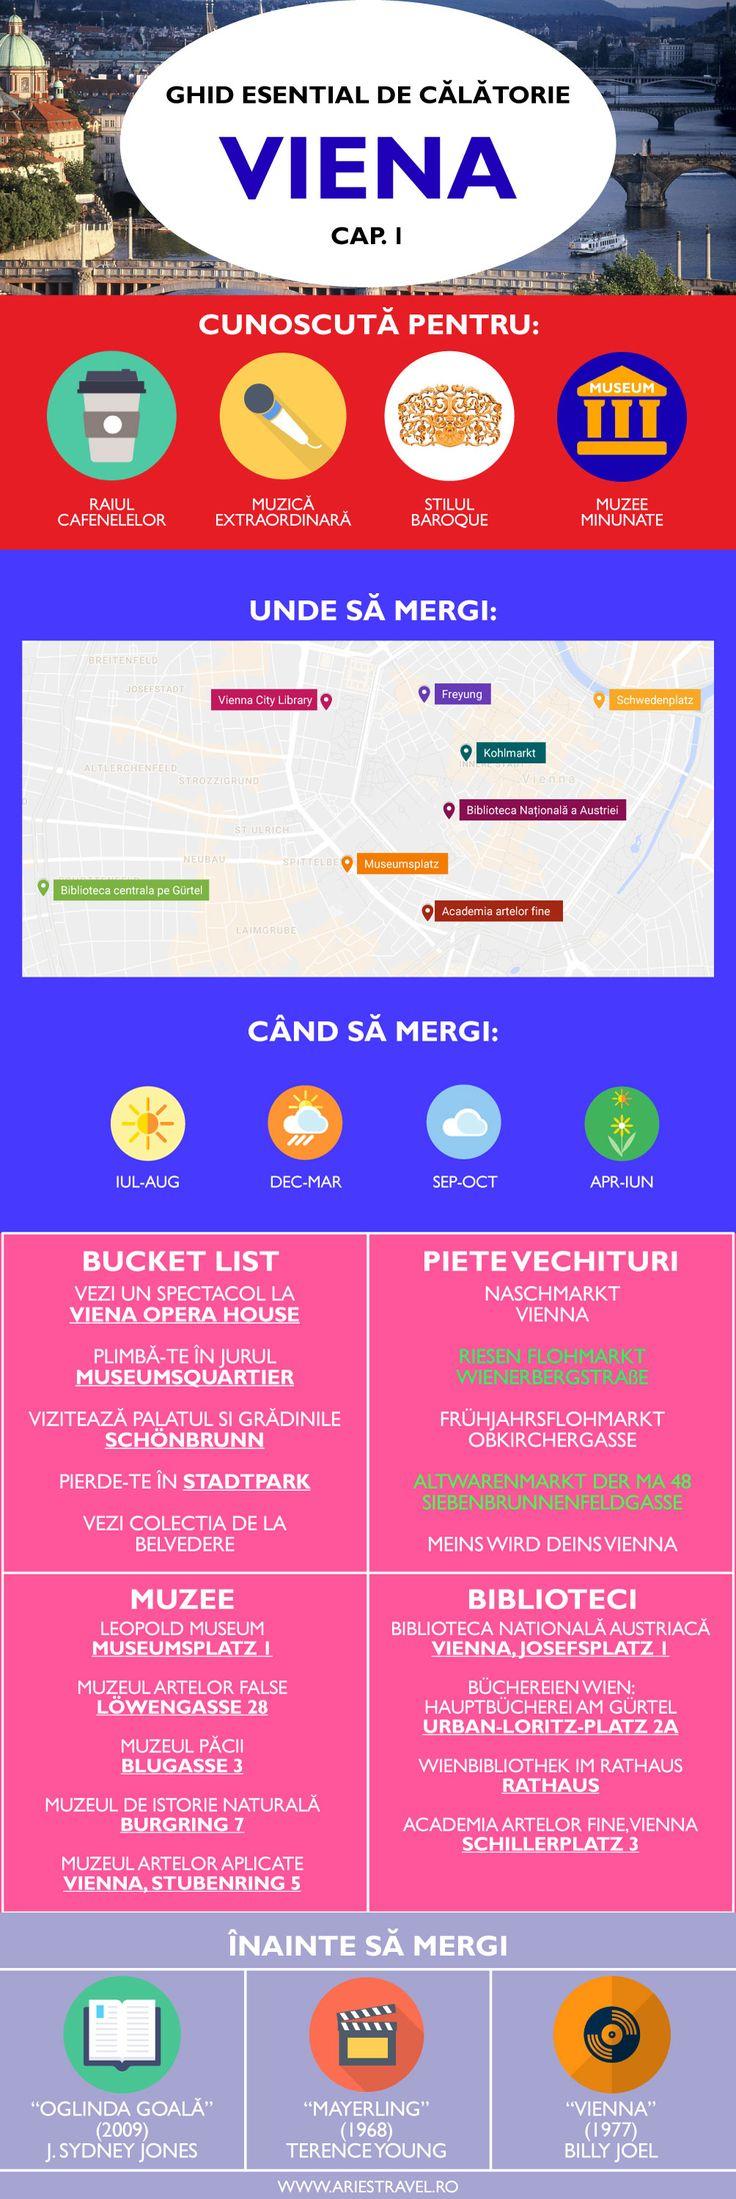 Vizita intr-un oras european poate fi coplesitoare, daca nu ai un set de locuri de vizitat. Acest infografic te ajuta sacalatoresti cu stil si sa te bucuri de fiecare moment al calatoriei tale!